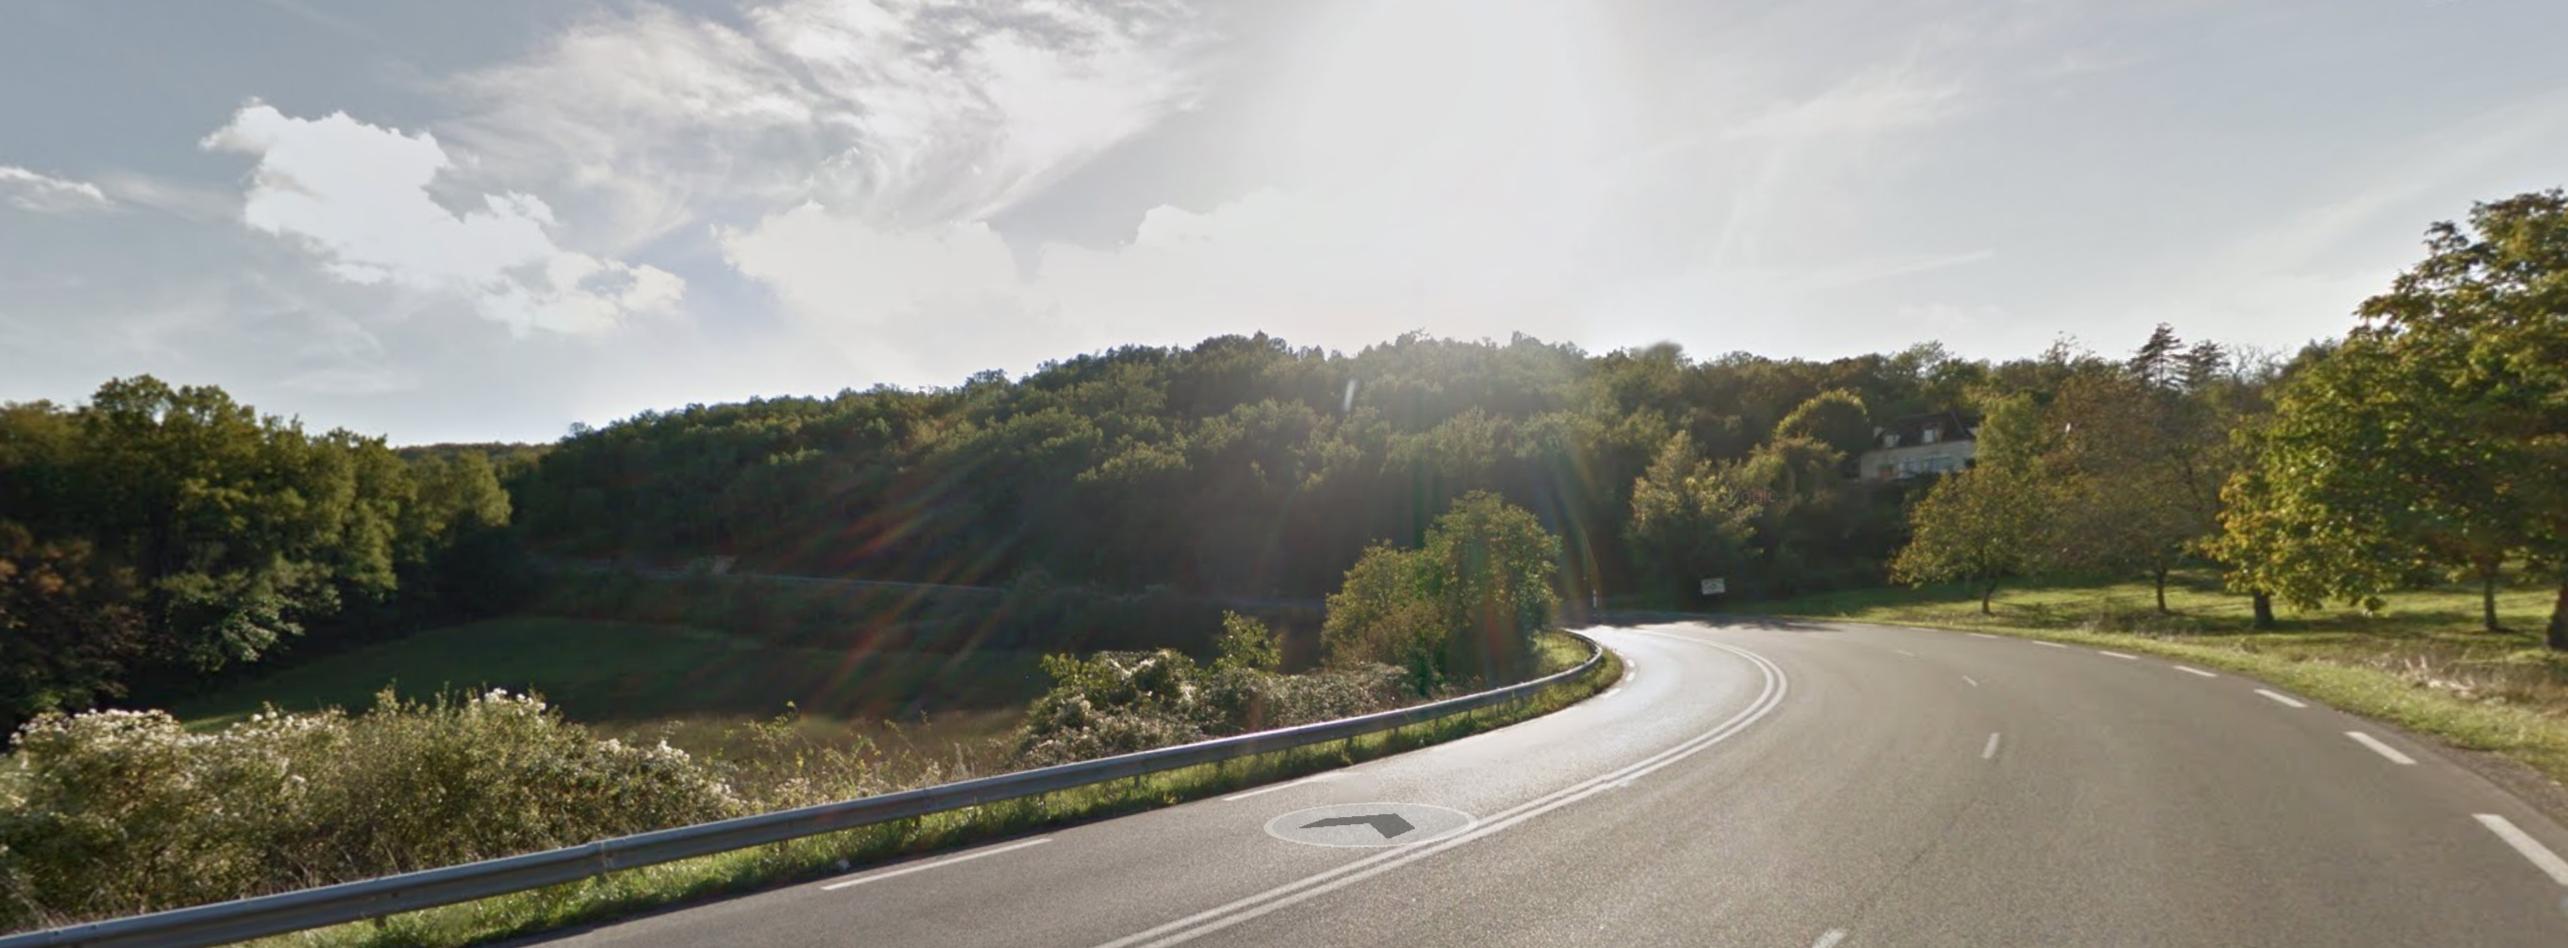 Les virages de Lanzac, Languedoc-Roussilon